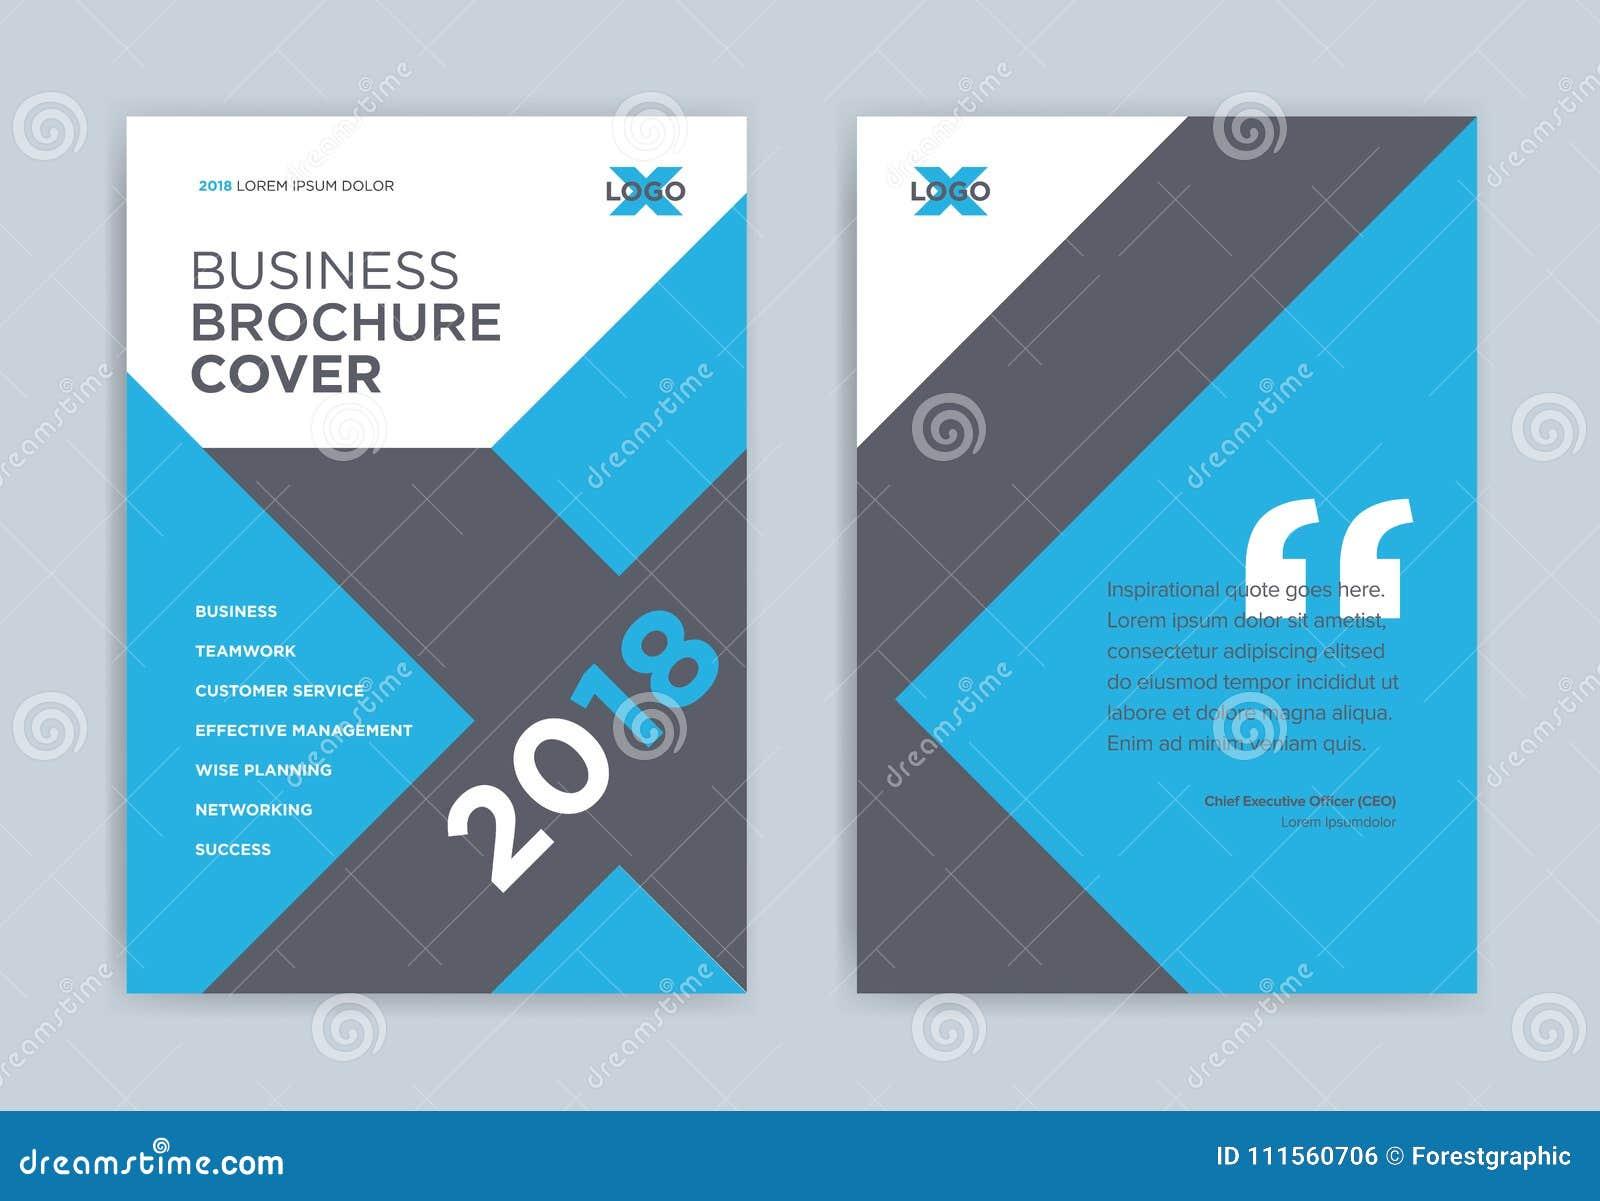 Brochure cover design blue color - x shape